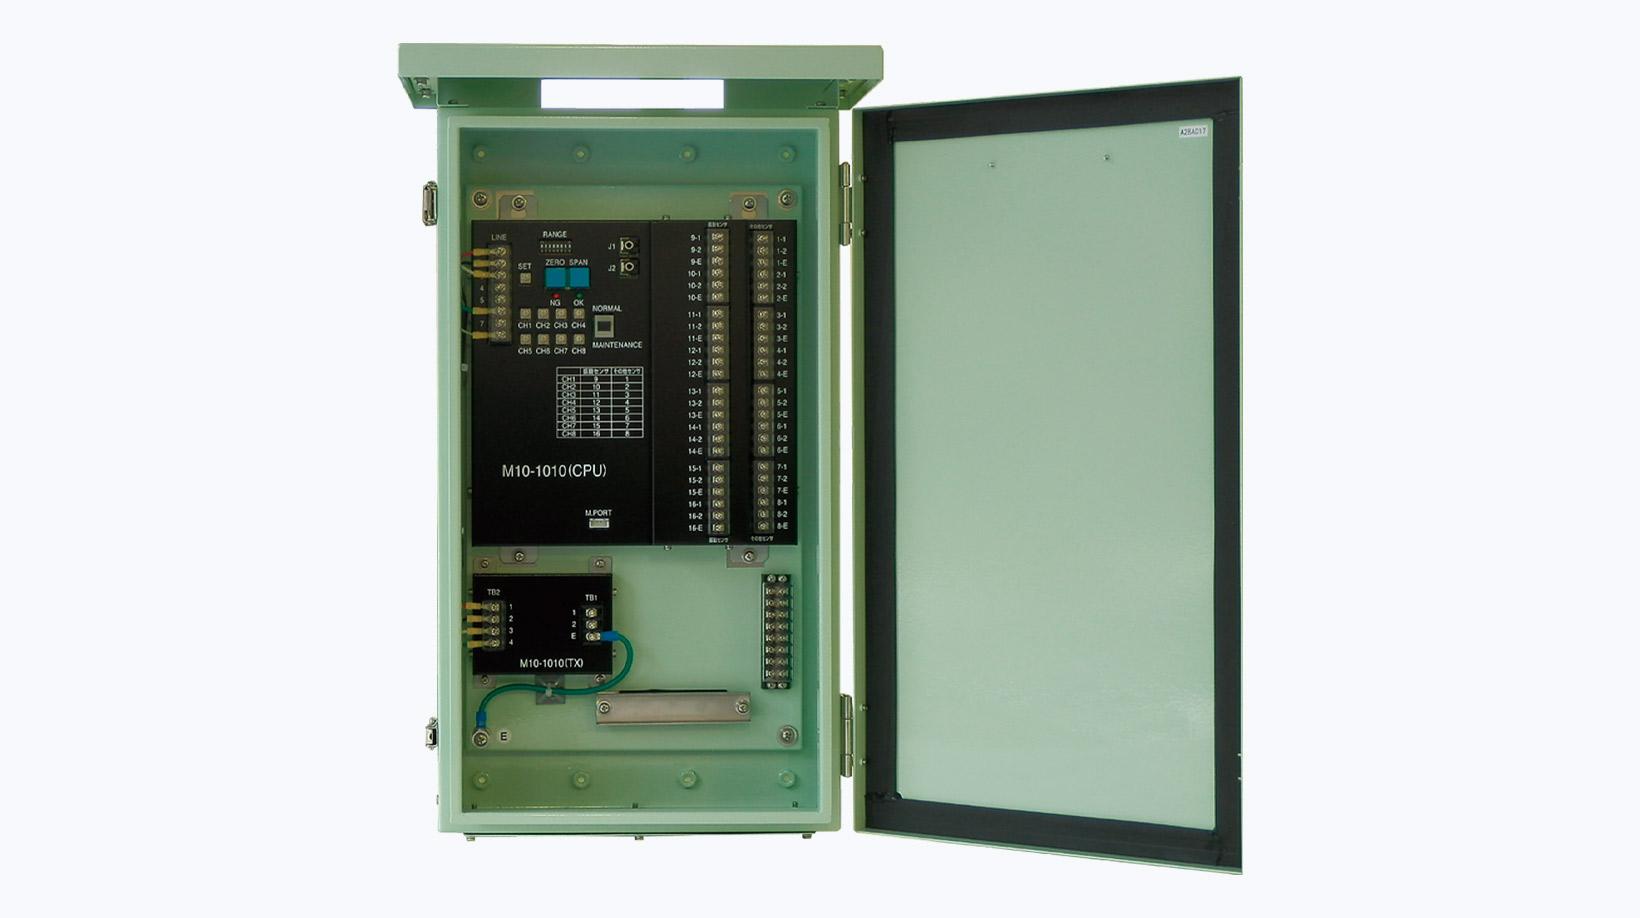 オンライン回転機監視装置 SMS